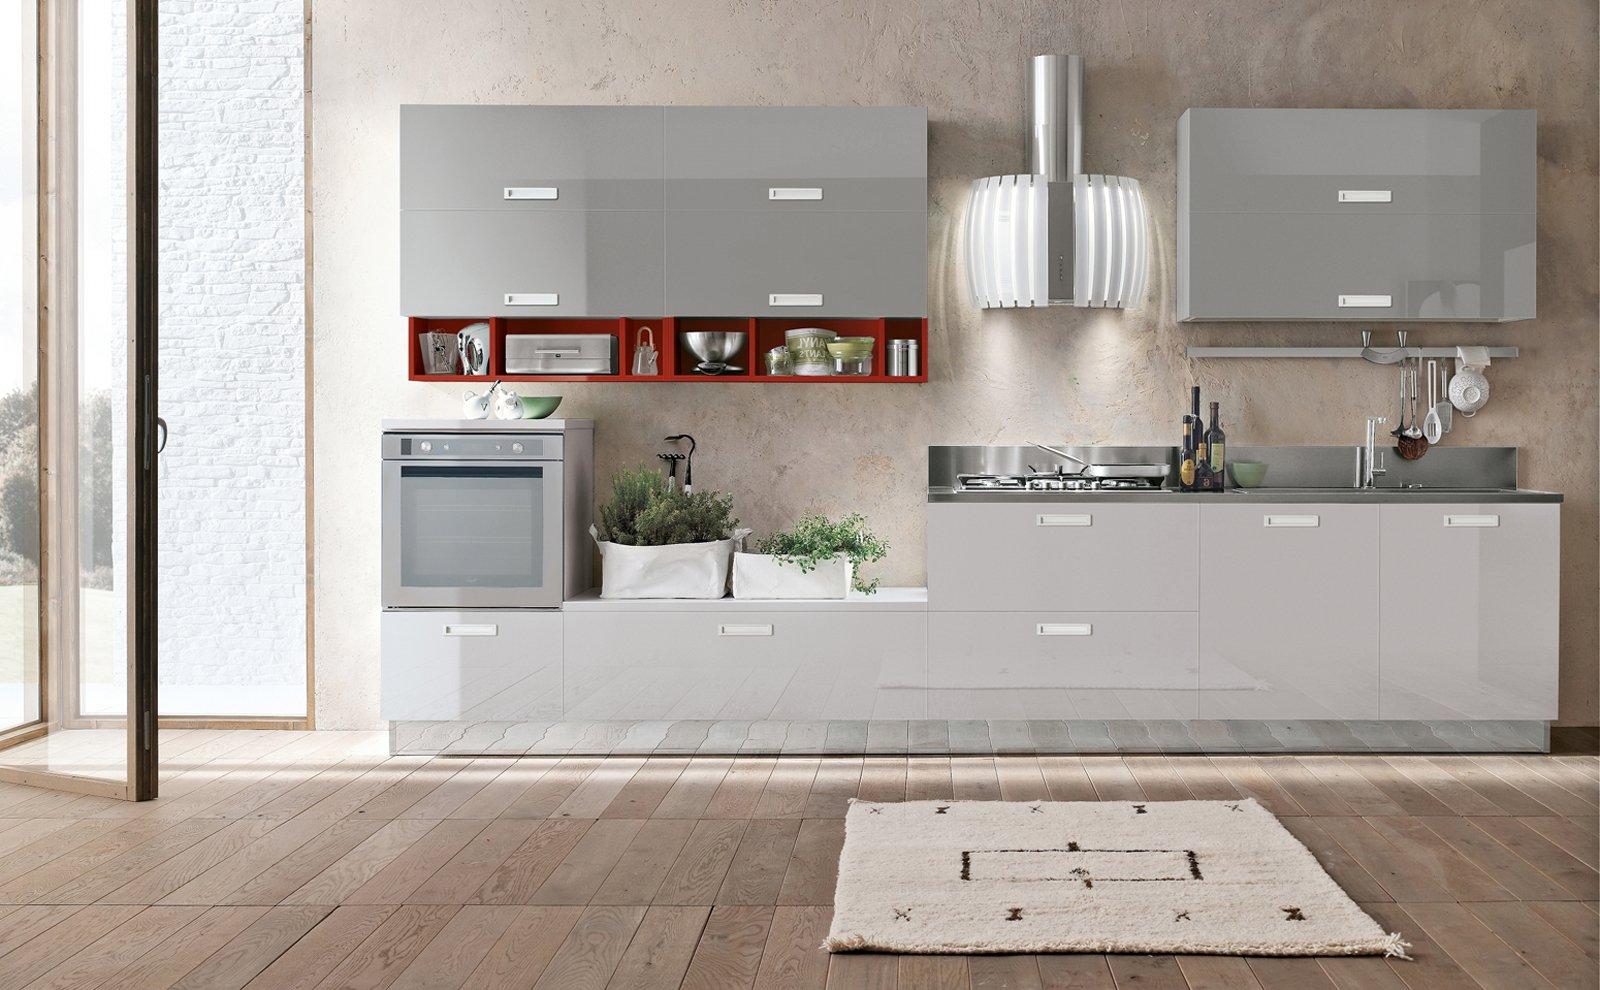 Cucine secondo progetto pi preventivo cose di casa - Parquet per bagno e cucina ...